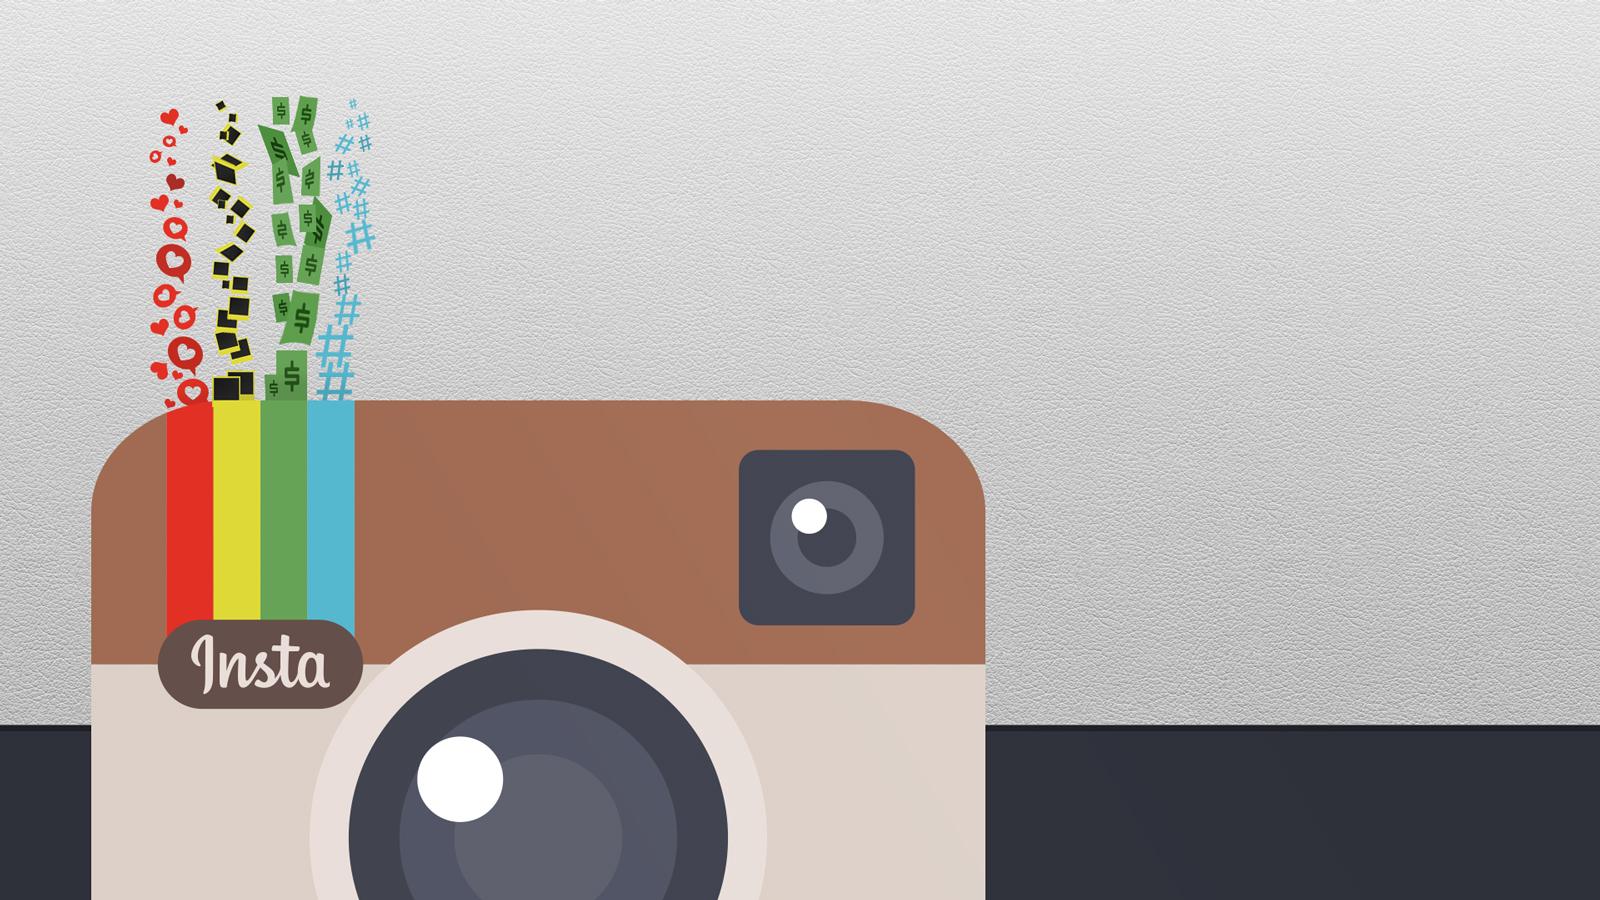 Non, Instagram n'a pas encore supprimé son affichage chronologique